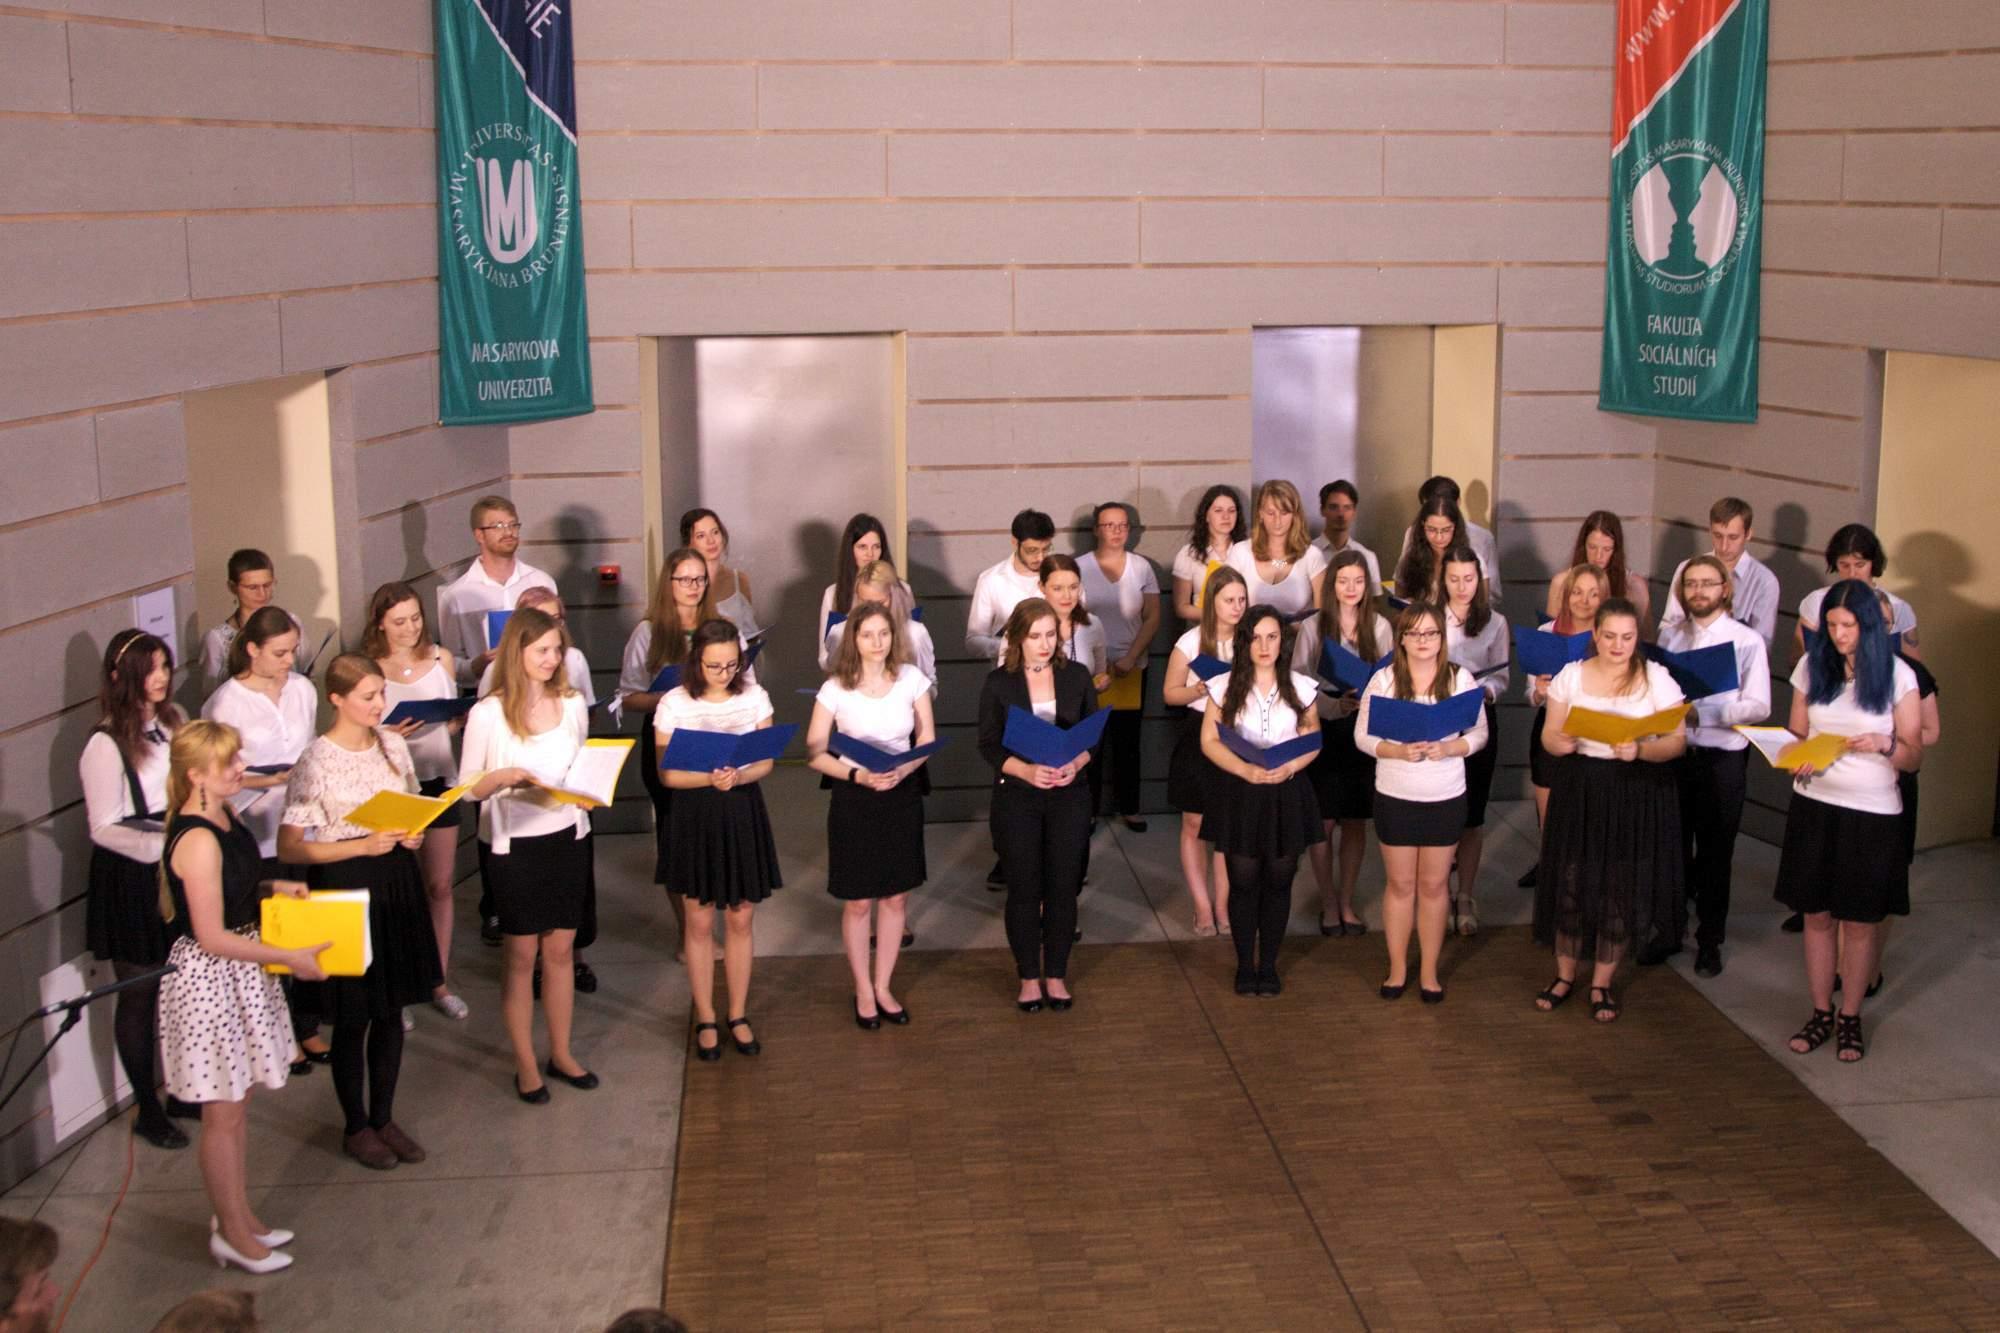 Švédský sbor zpíval v Atriu na FSS. Foto: Martina Hykšová